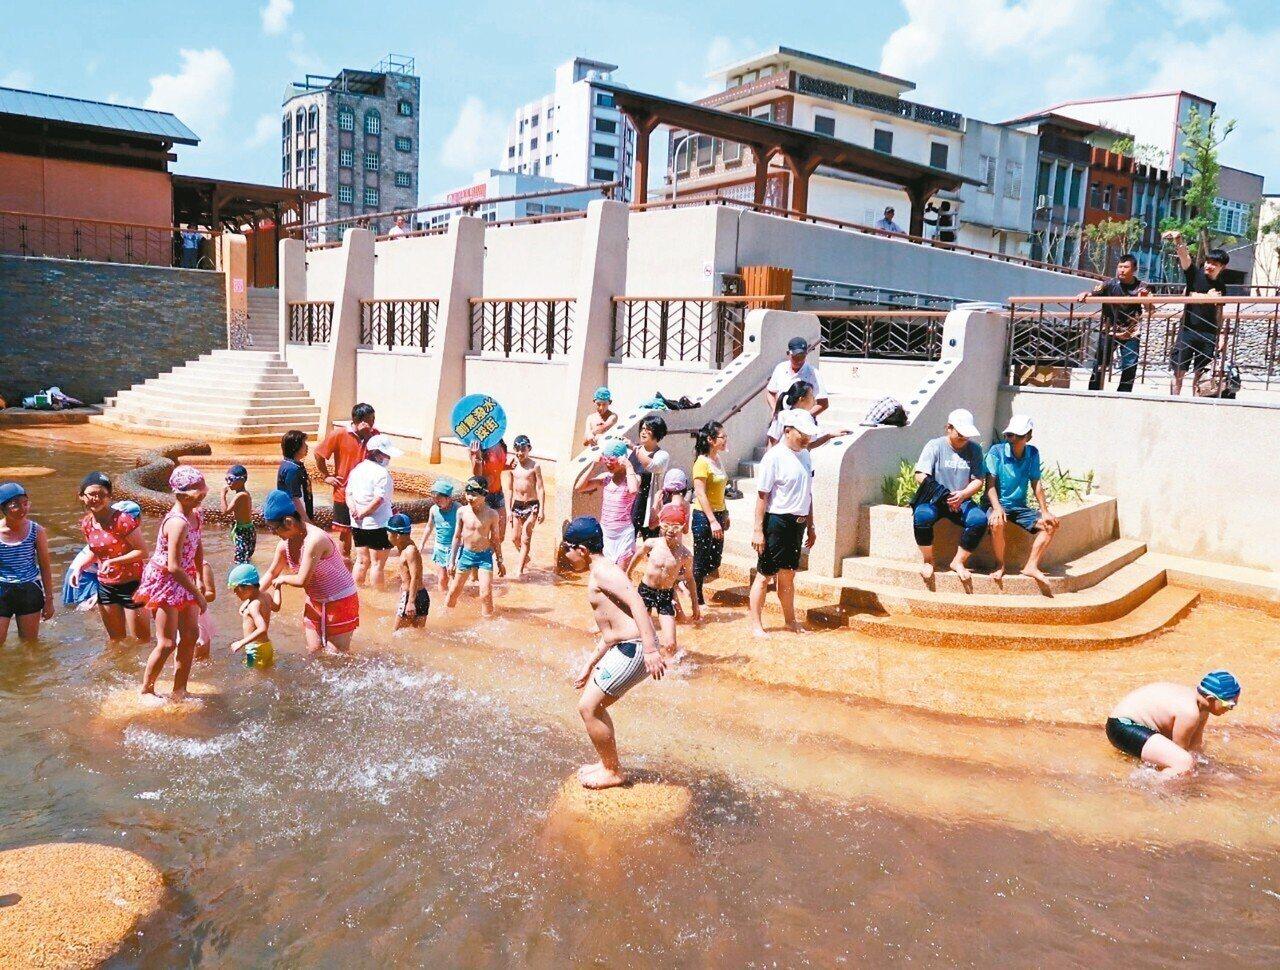 全世界唯二的蘇澳冷泉新園區昨天試營運,大眾池免費體驗。 圖/蘇澳鎮公所提供